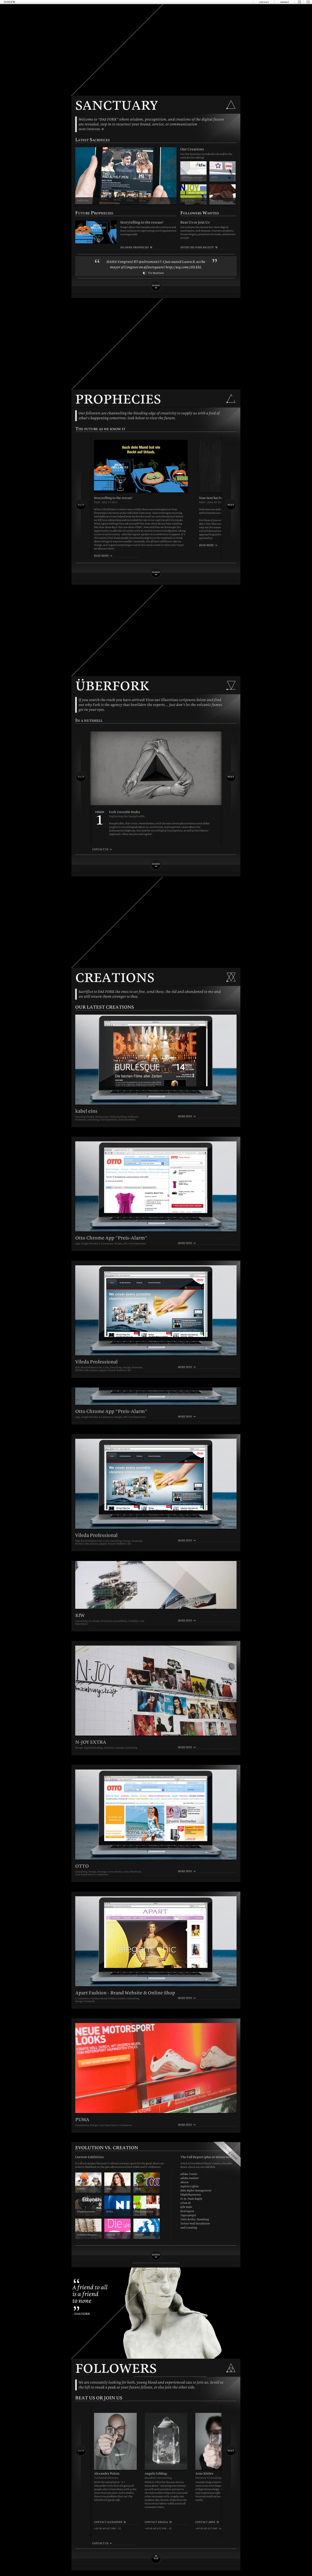 Fork Unstable Media Website Screenshot